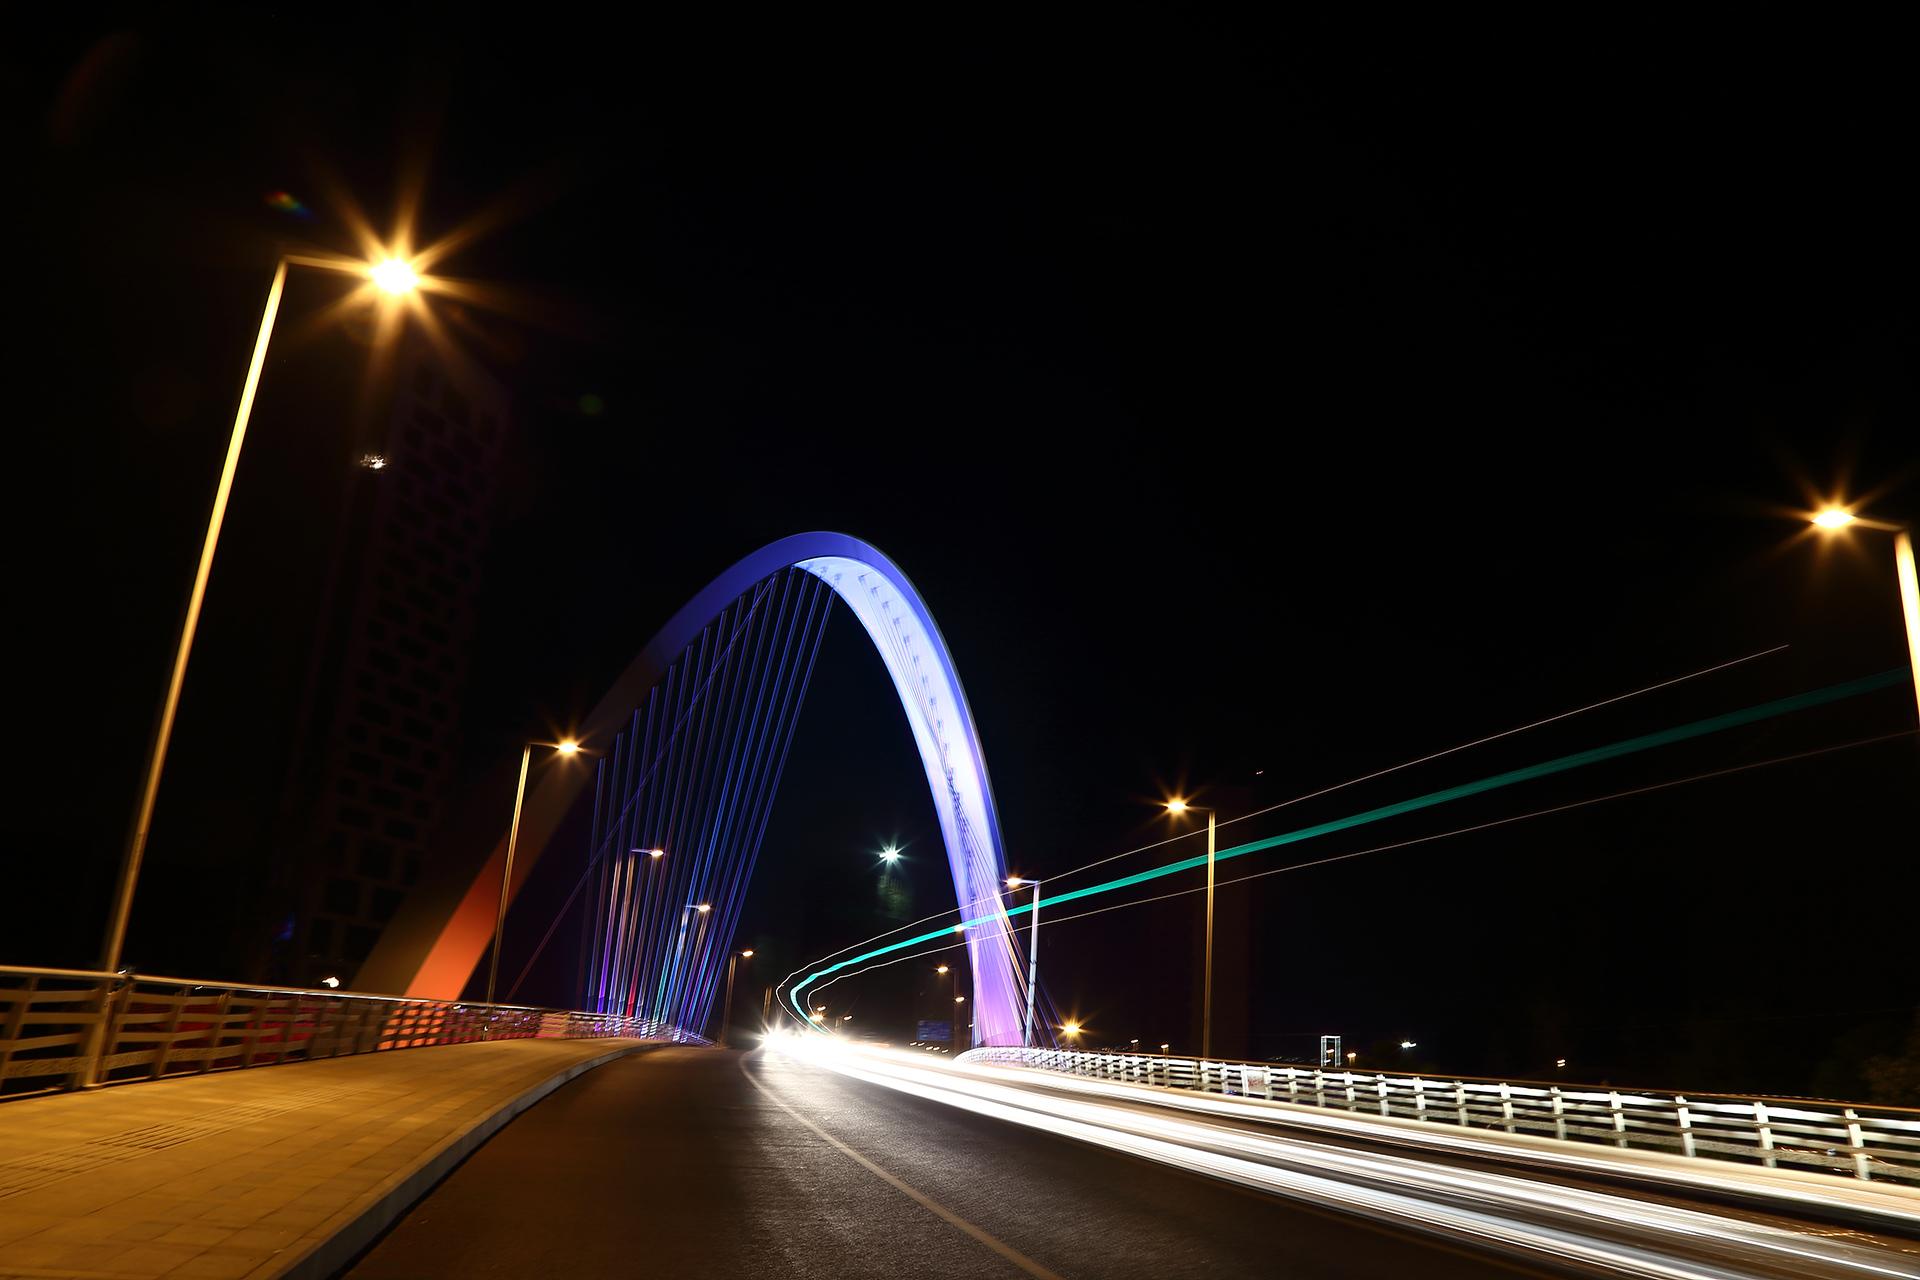 【摄影】光影城市